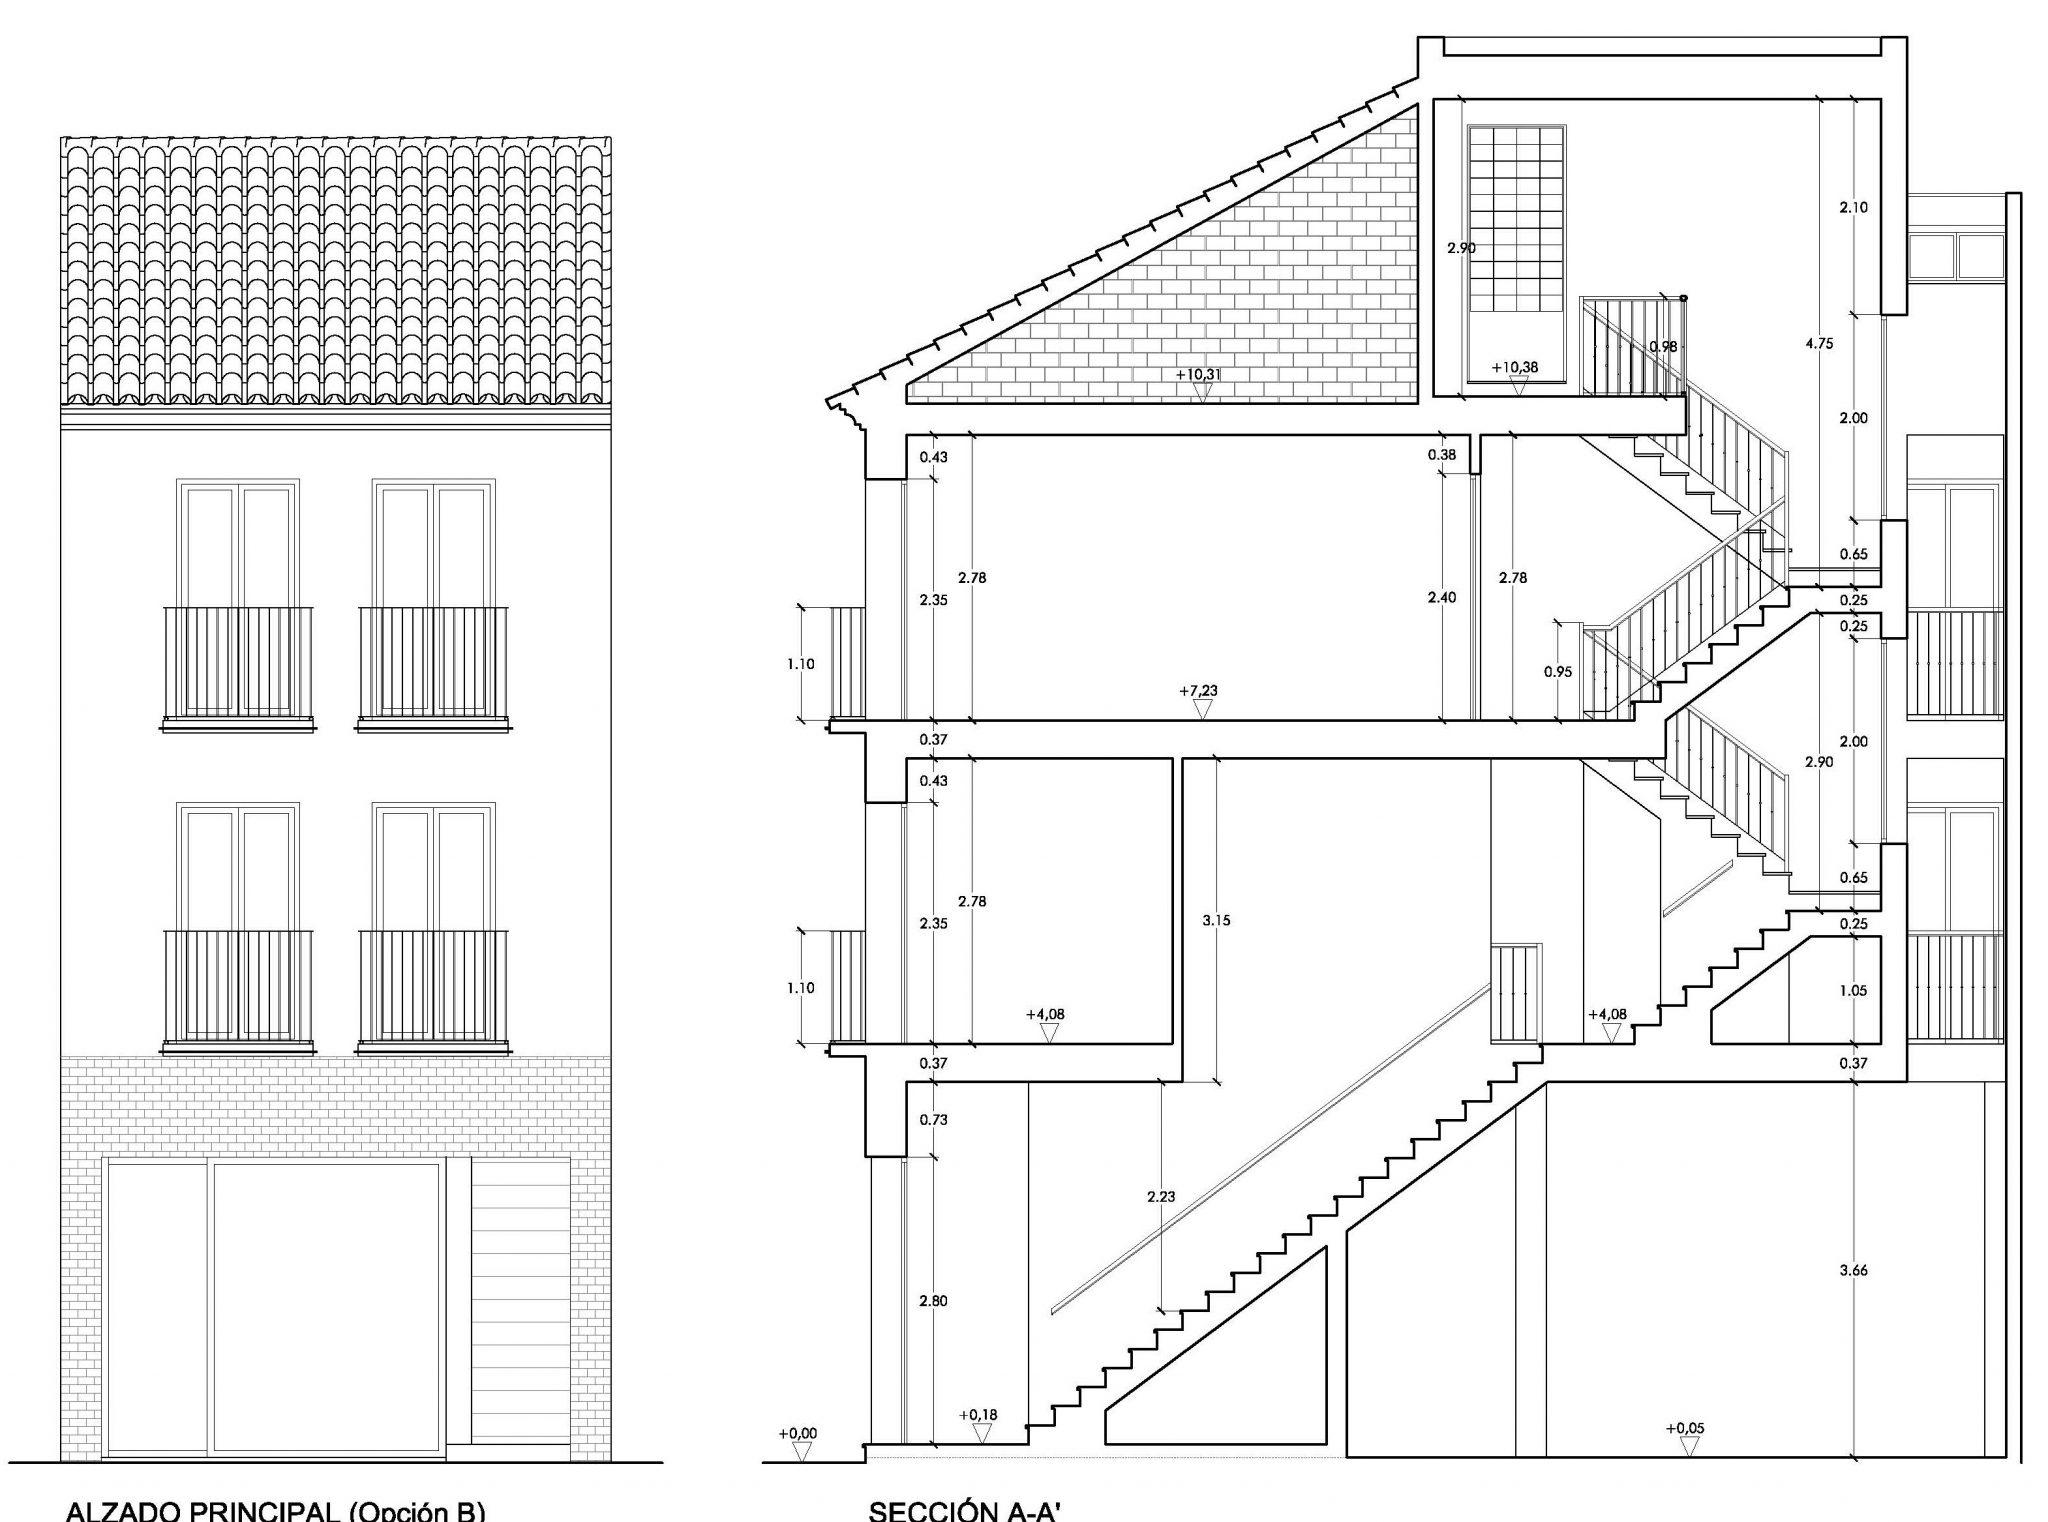 Alzado obra calle Polvillo de Cantillana - Estudio Honorio Aguilar